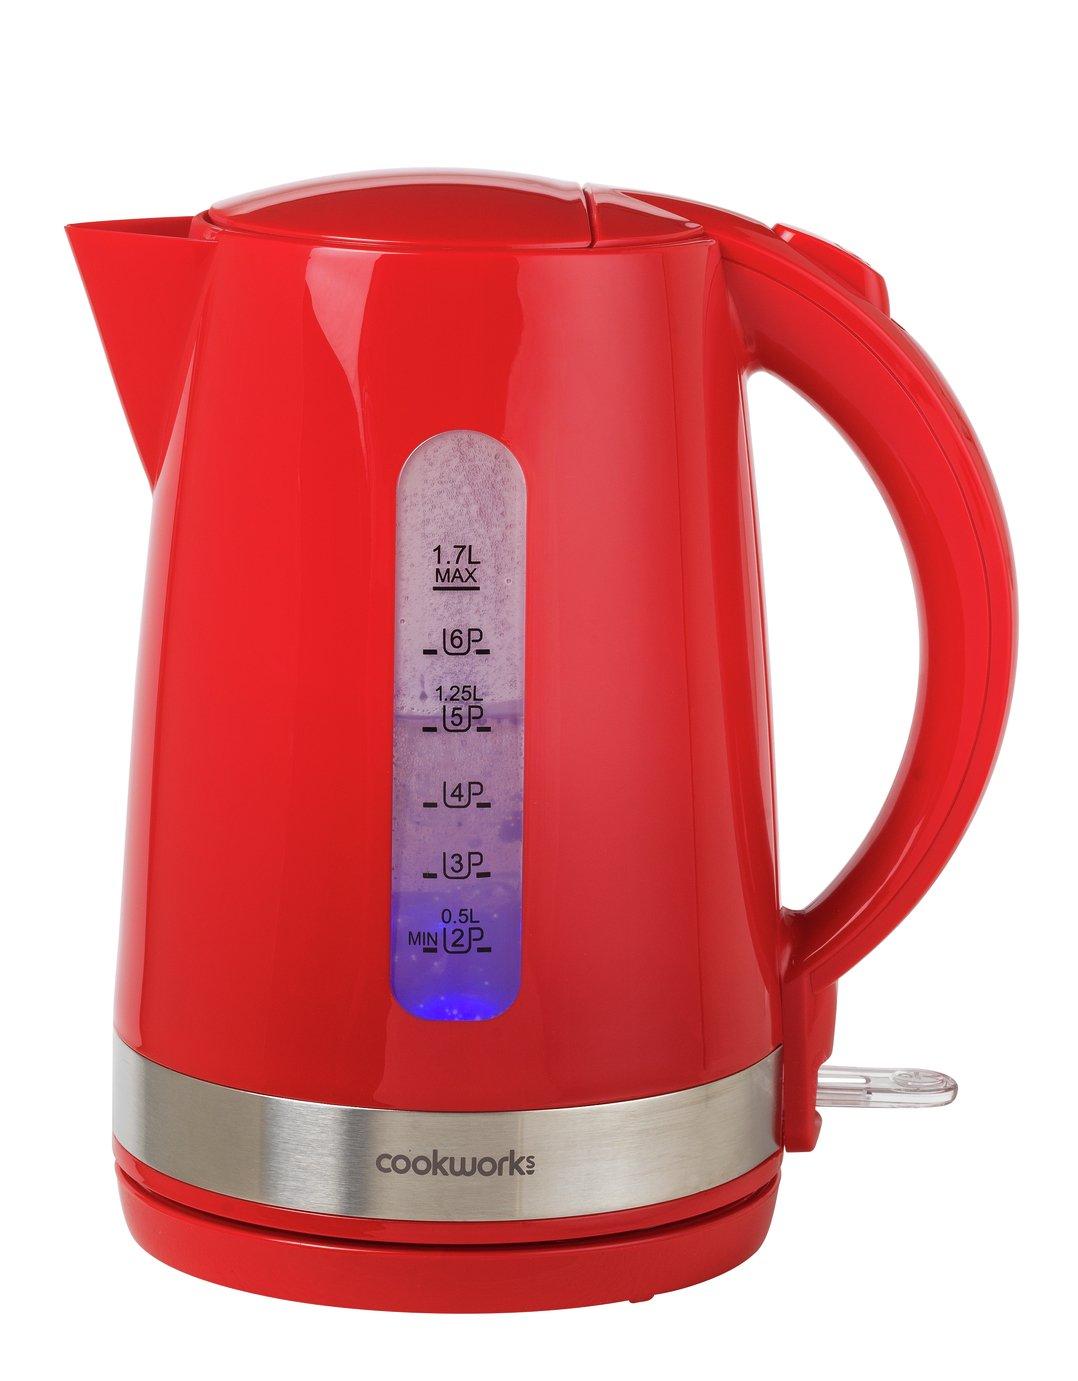 Save Up To 1 3 On Cookworks Kitchen Essentials Argos